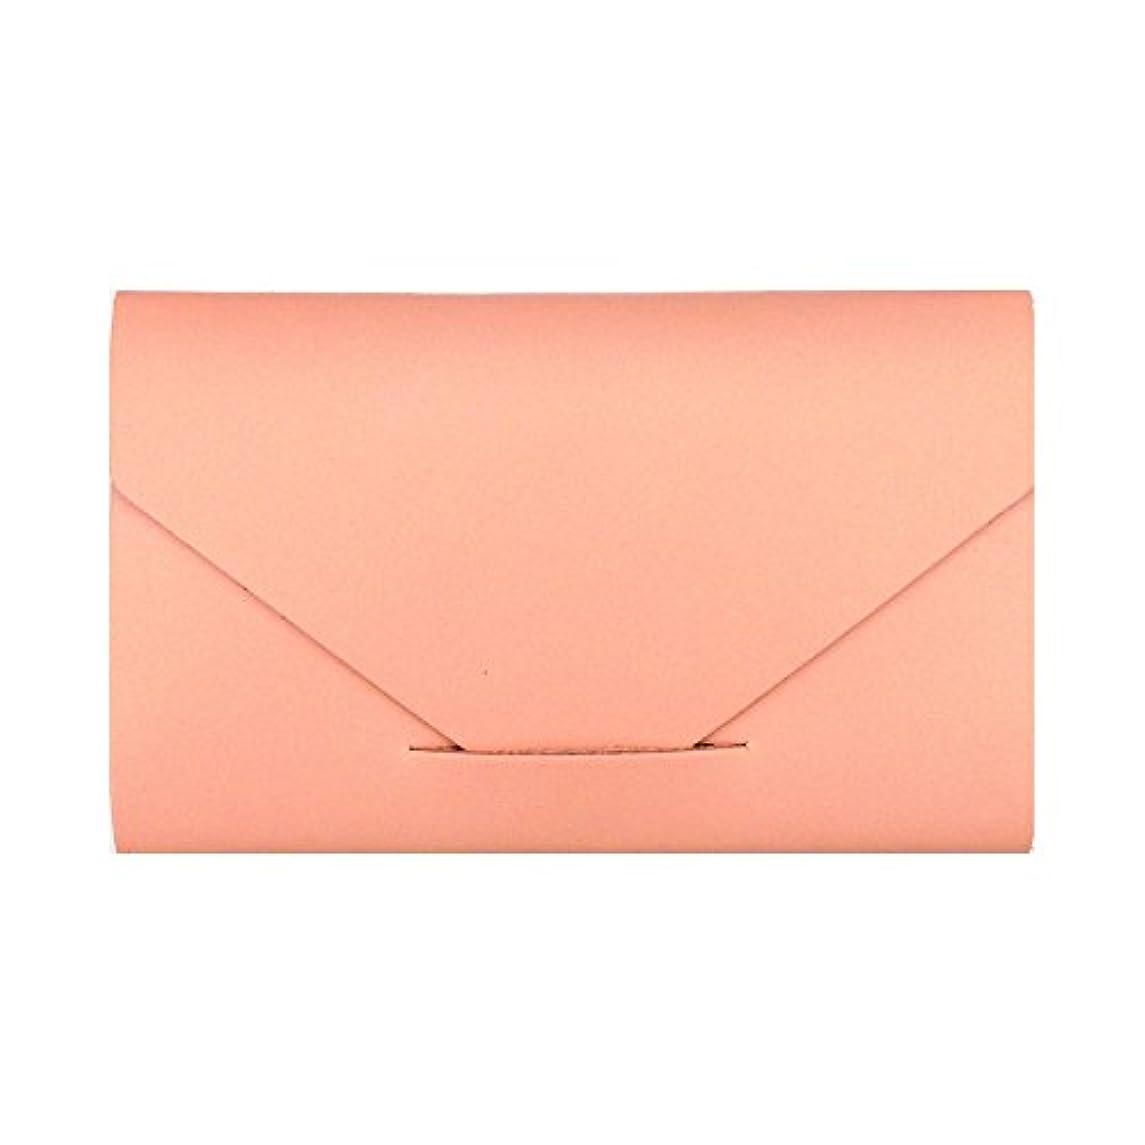 業界サスペンド勃起MODERN AGE TOKYO 2 カードケース(サシェ3種入) ピンク PINK CARD CASE モダンエイジトウキョウツー